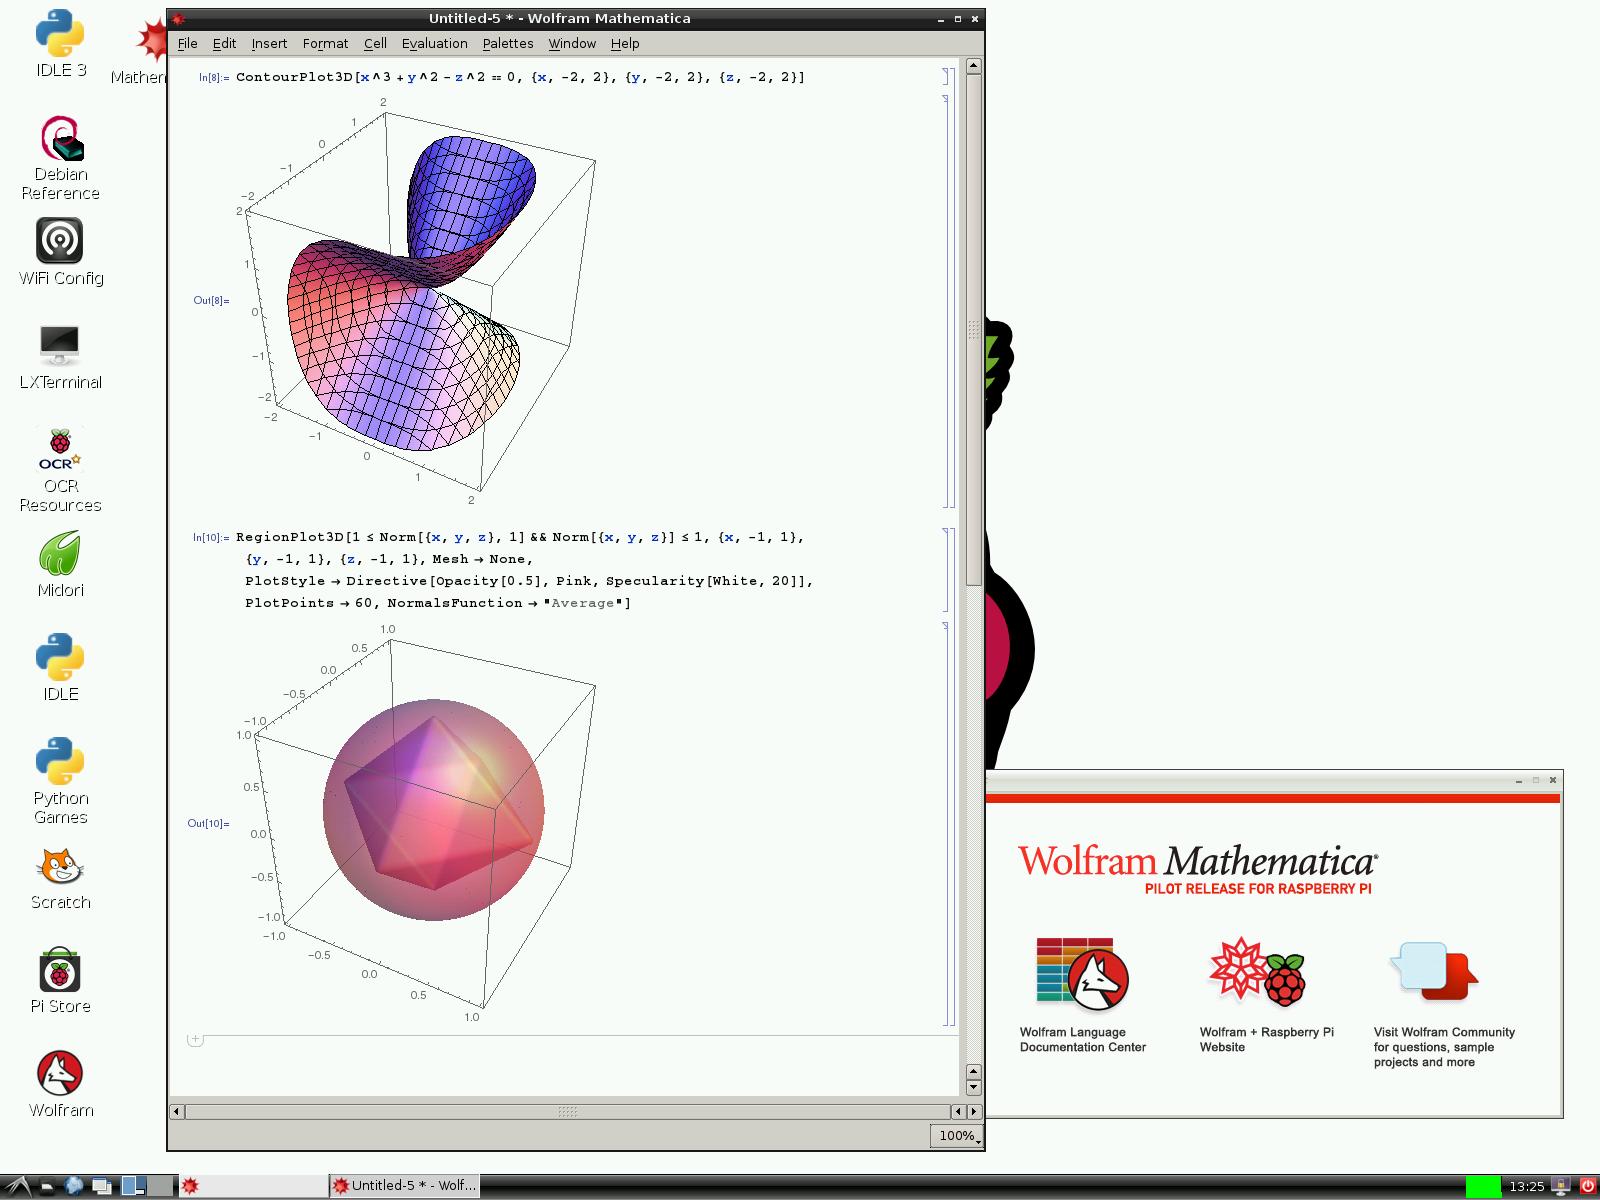 download Programmierhandbuch zu dBASE IV: Für Umsteiger von dBASE III PLUS auf